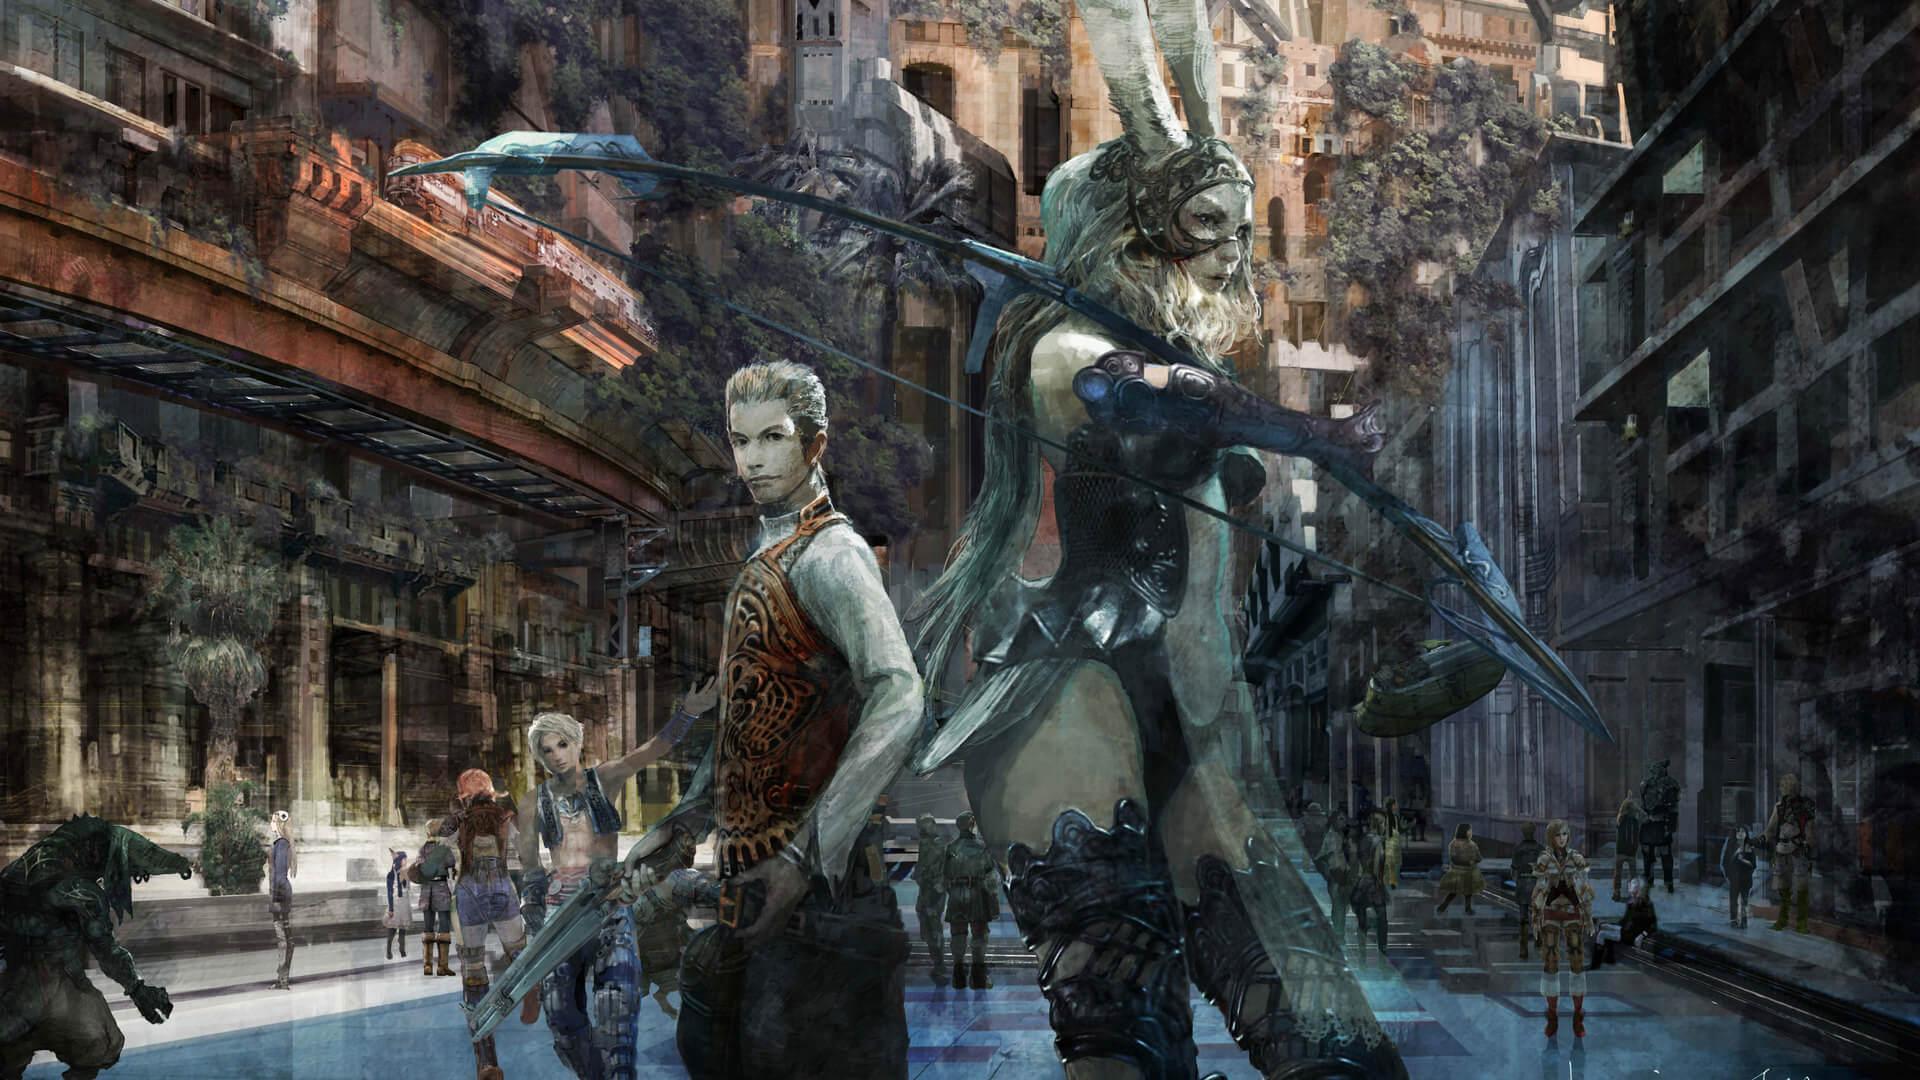 Final Fantasy XII: The Zodiac Age, Square Enix